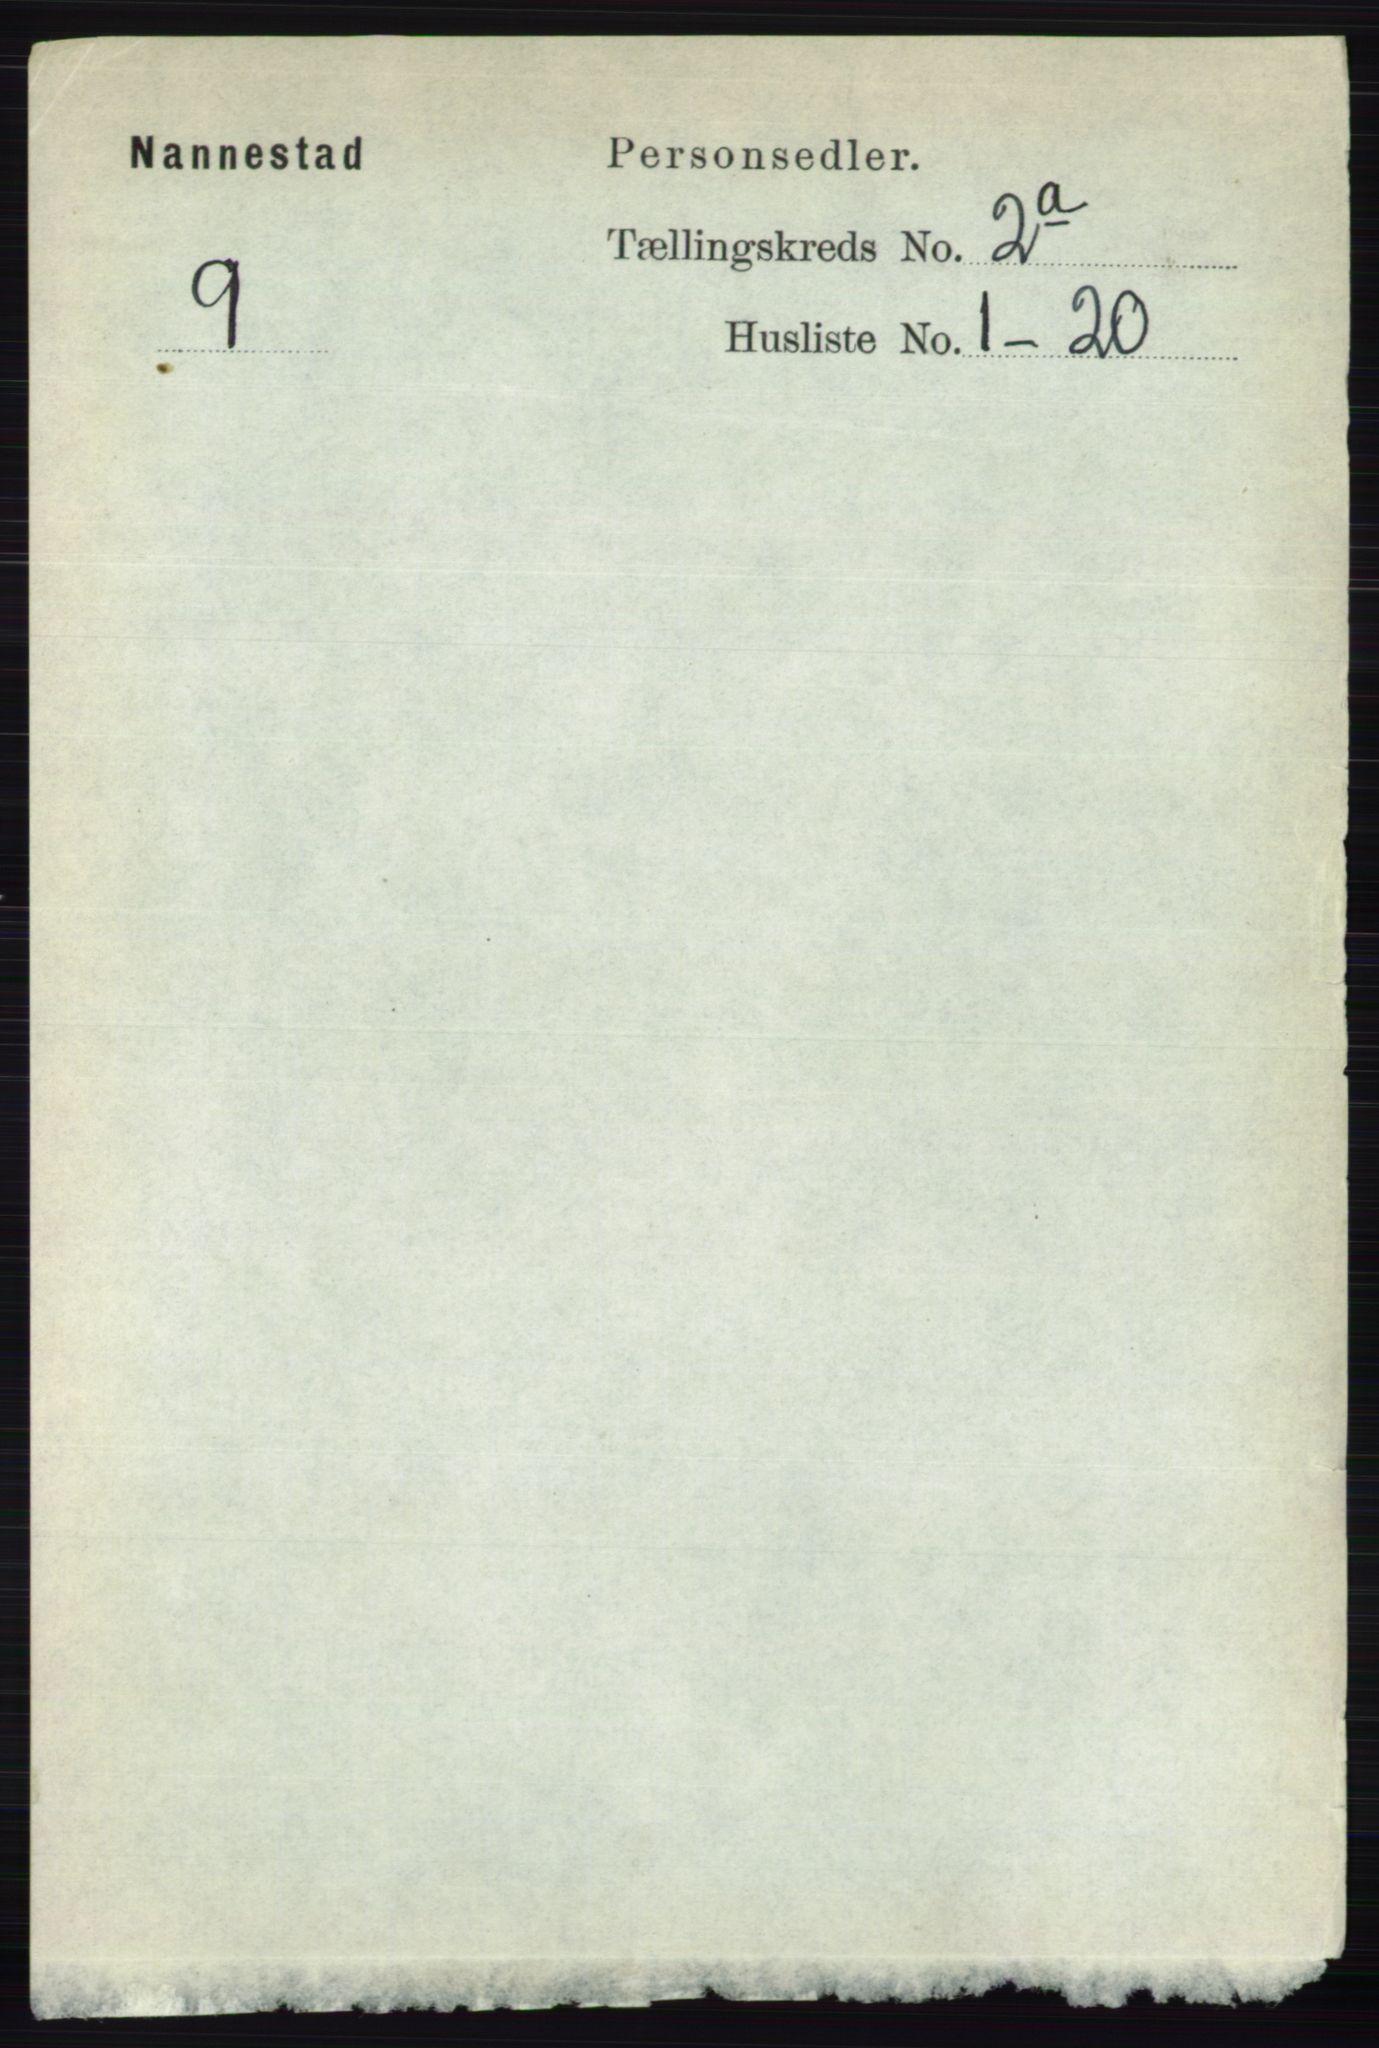 RA, Folketelling 1891 for 0238 Nannestad herred, 1891, s. 861